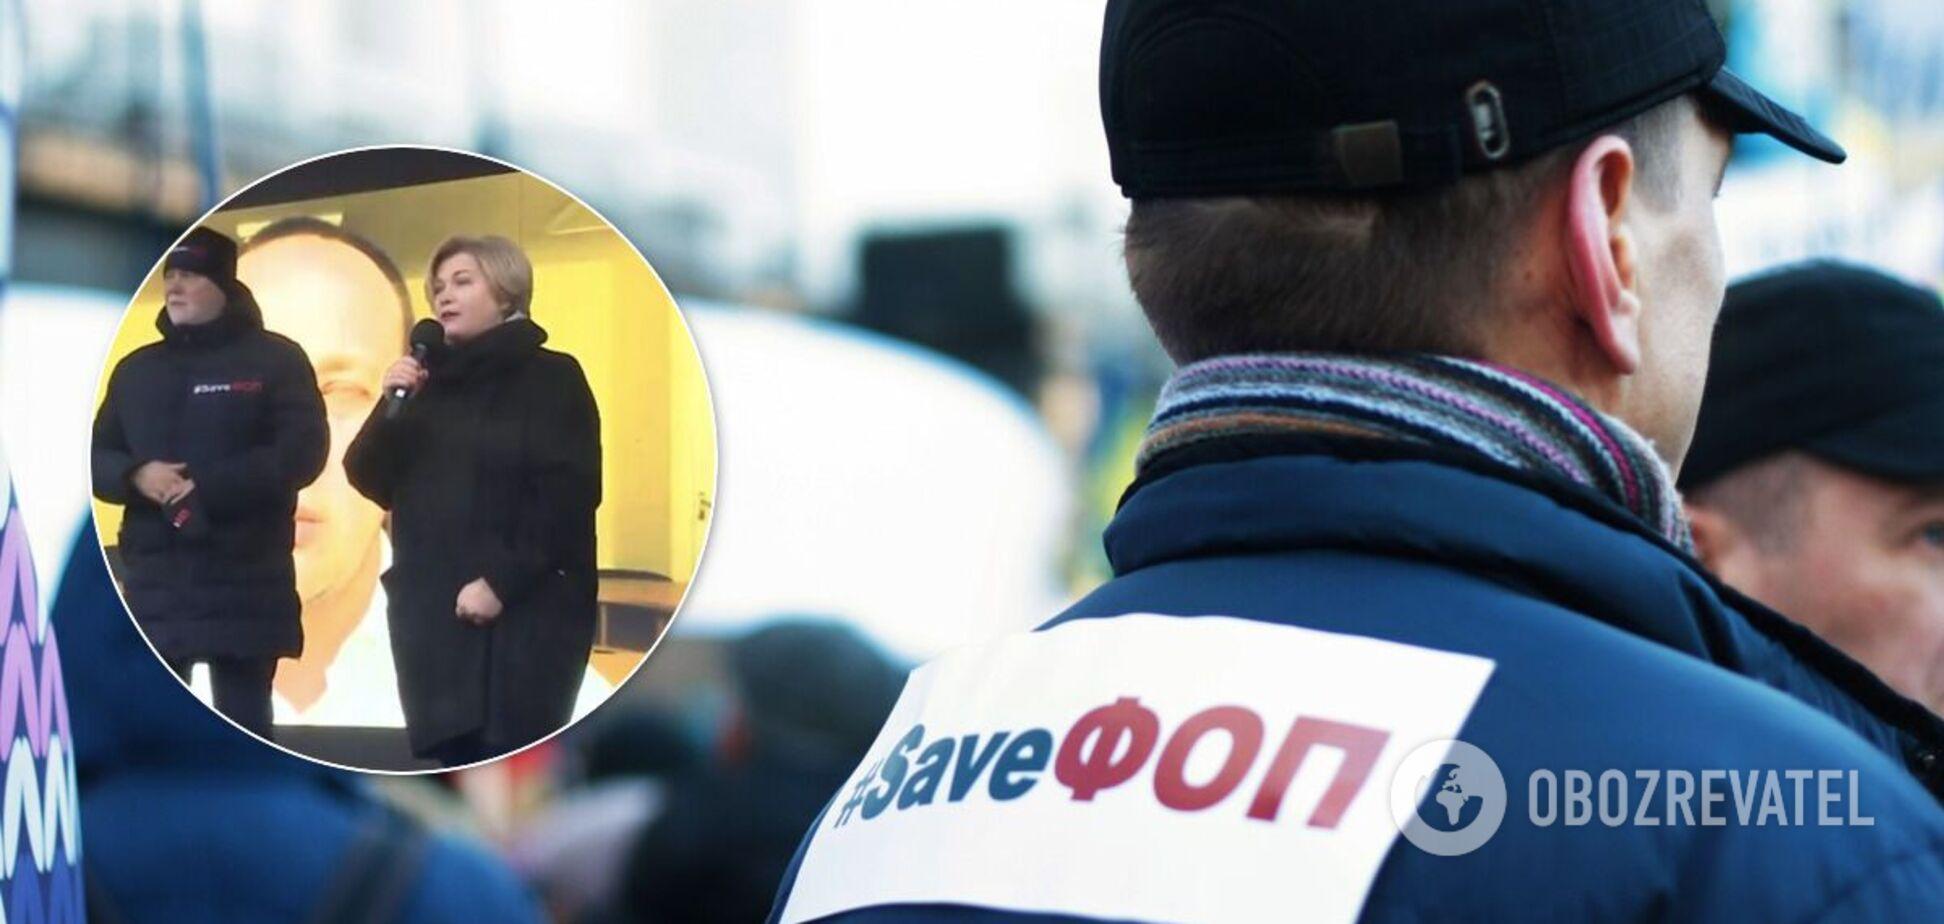 Геращенко закликала владу підтримати малий та середній бізнес під час карантину